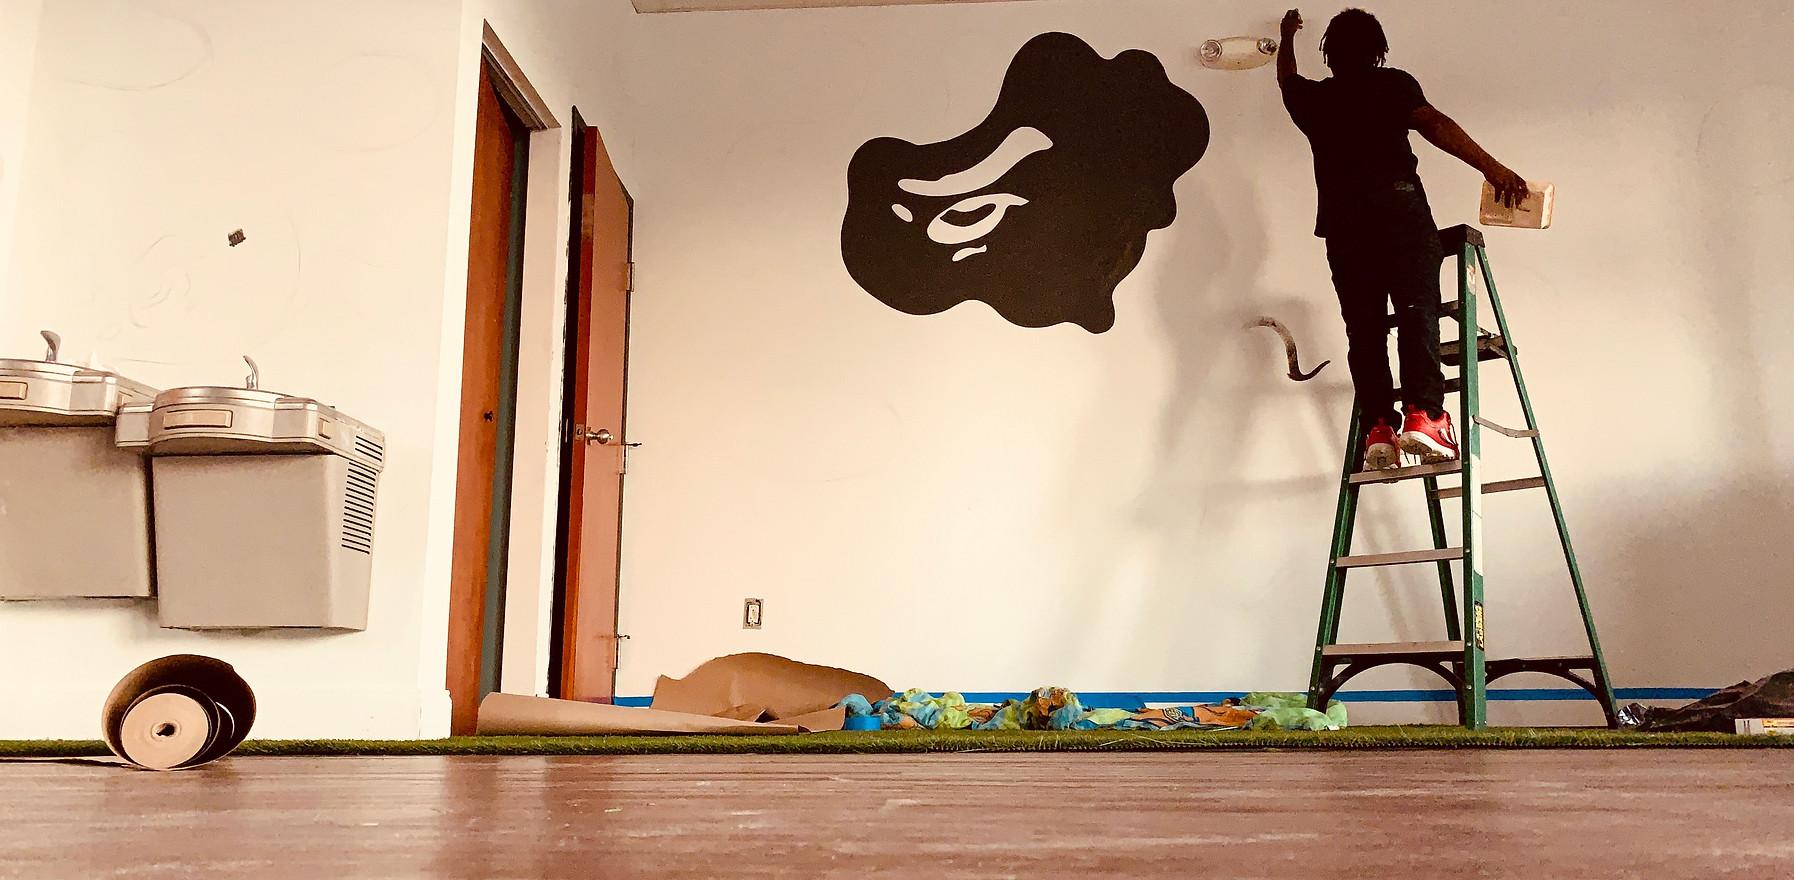 BAPE WALL ART